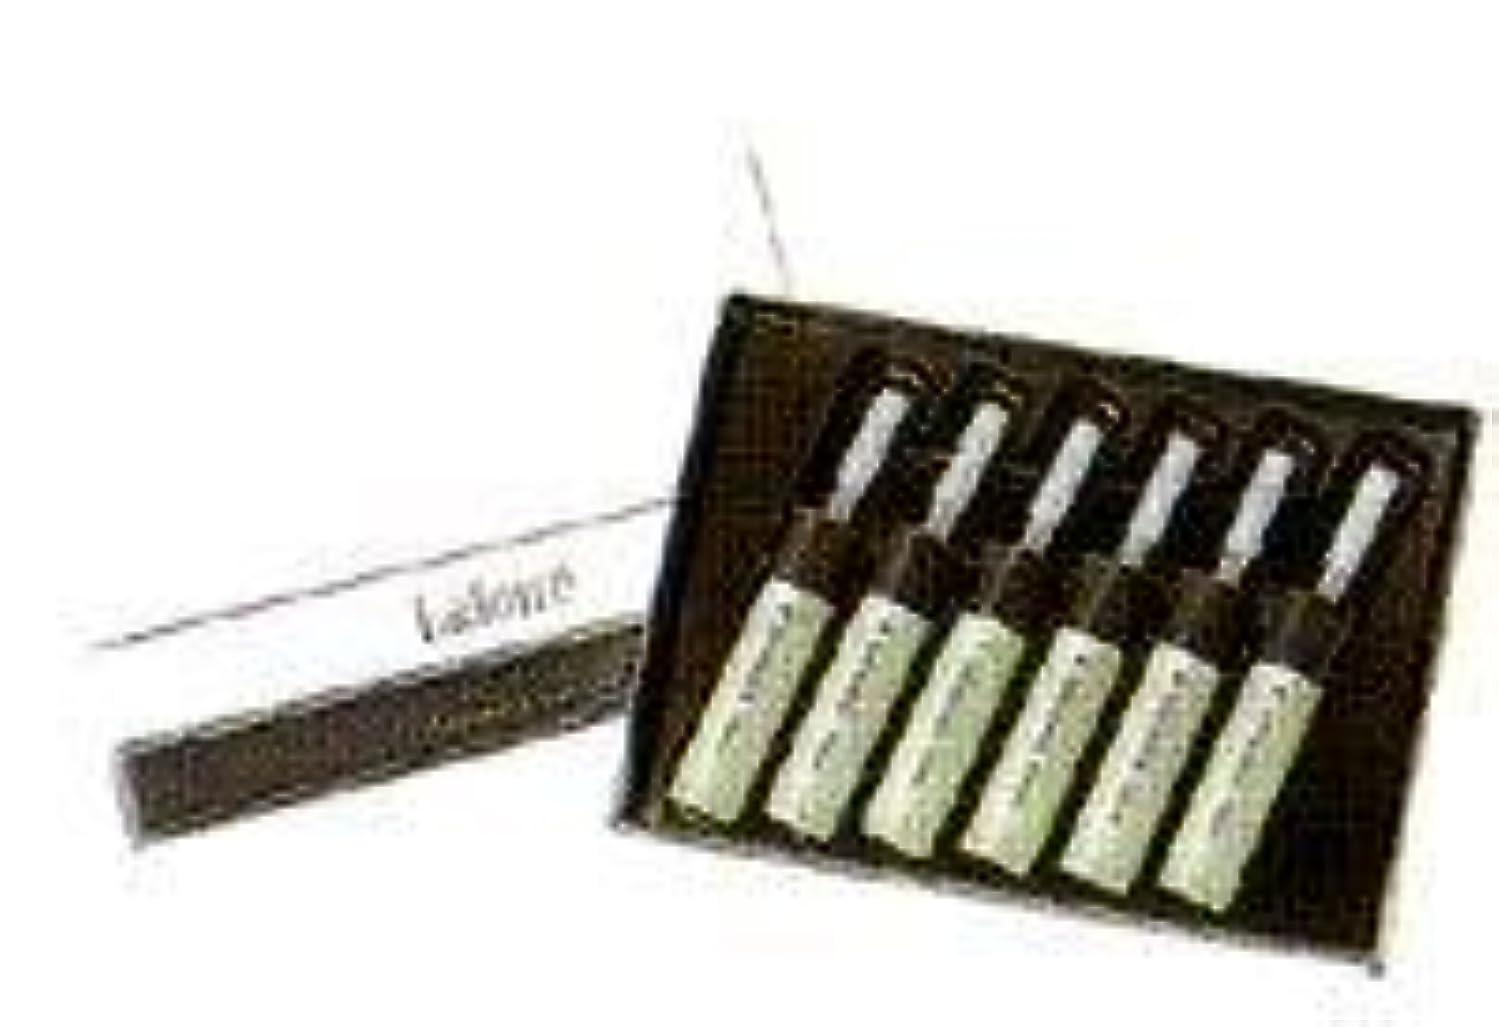 緊張脇に根絶するラフォーレ パーベデュー アルパインエッセンス(医薬部外品?ニキビ、敏感肌用美容液)